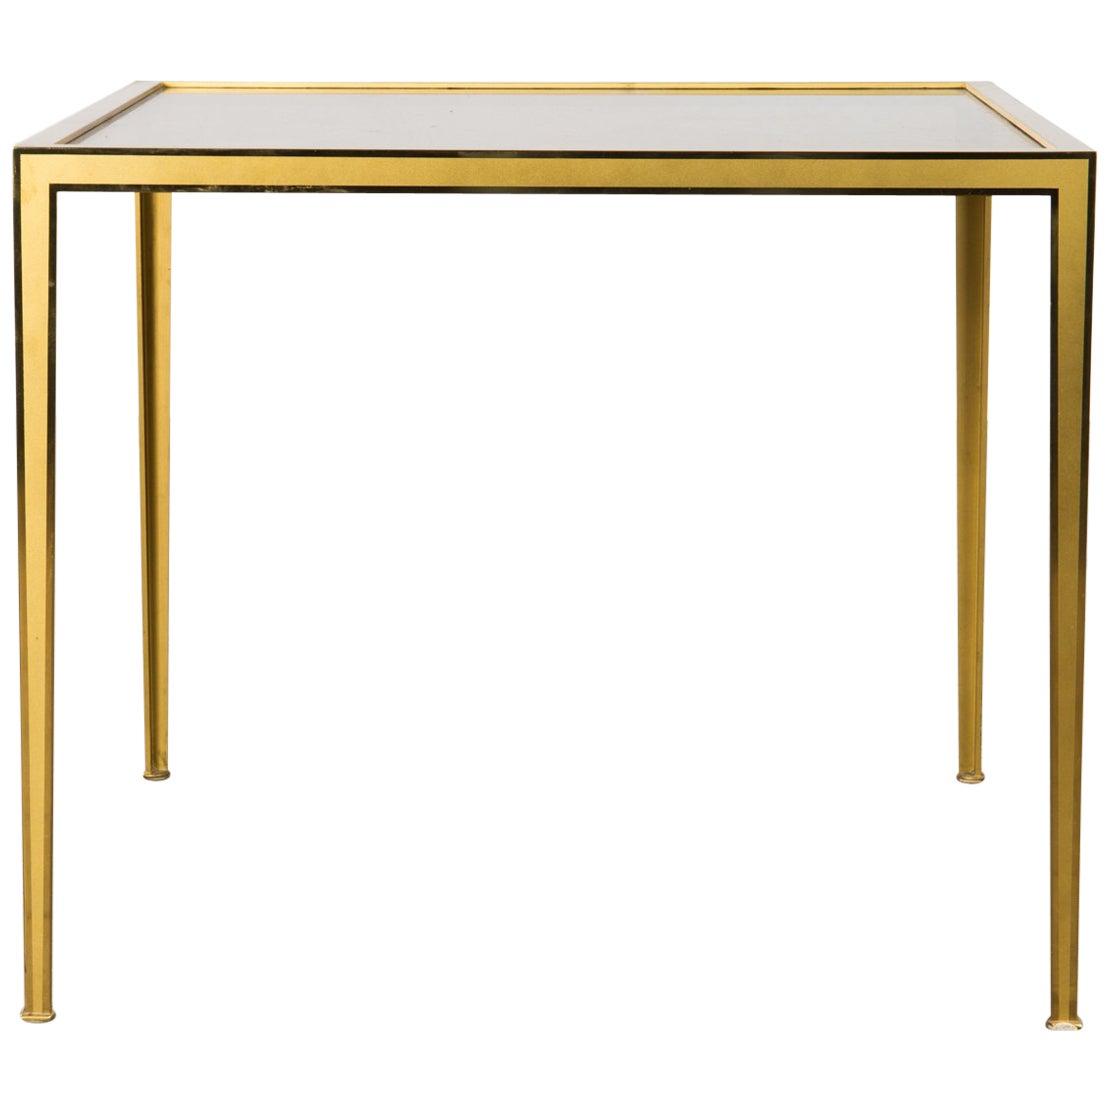 Golden Mid-Century Modern square Brass coffee table by Vereinigte Werkstätten